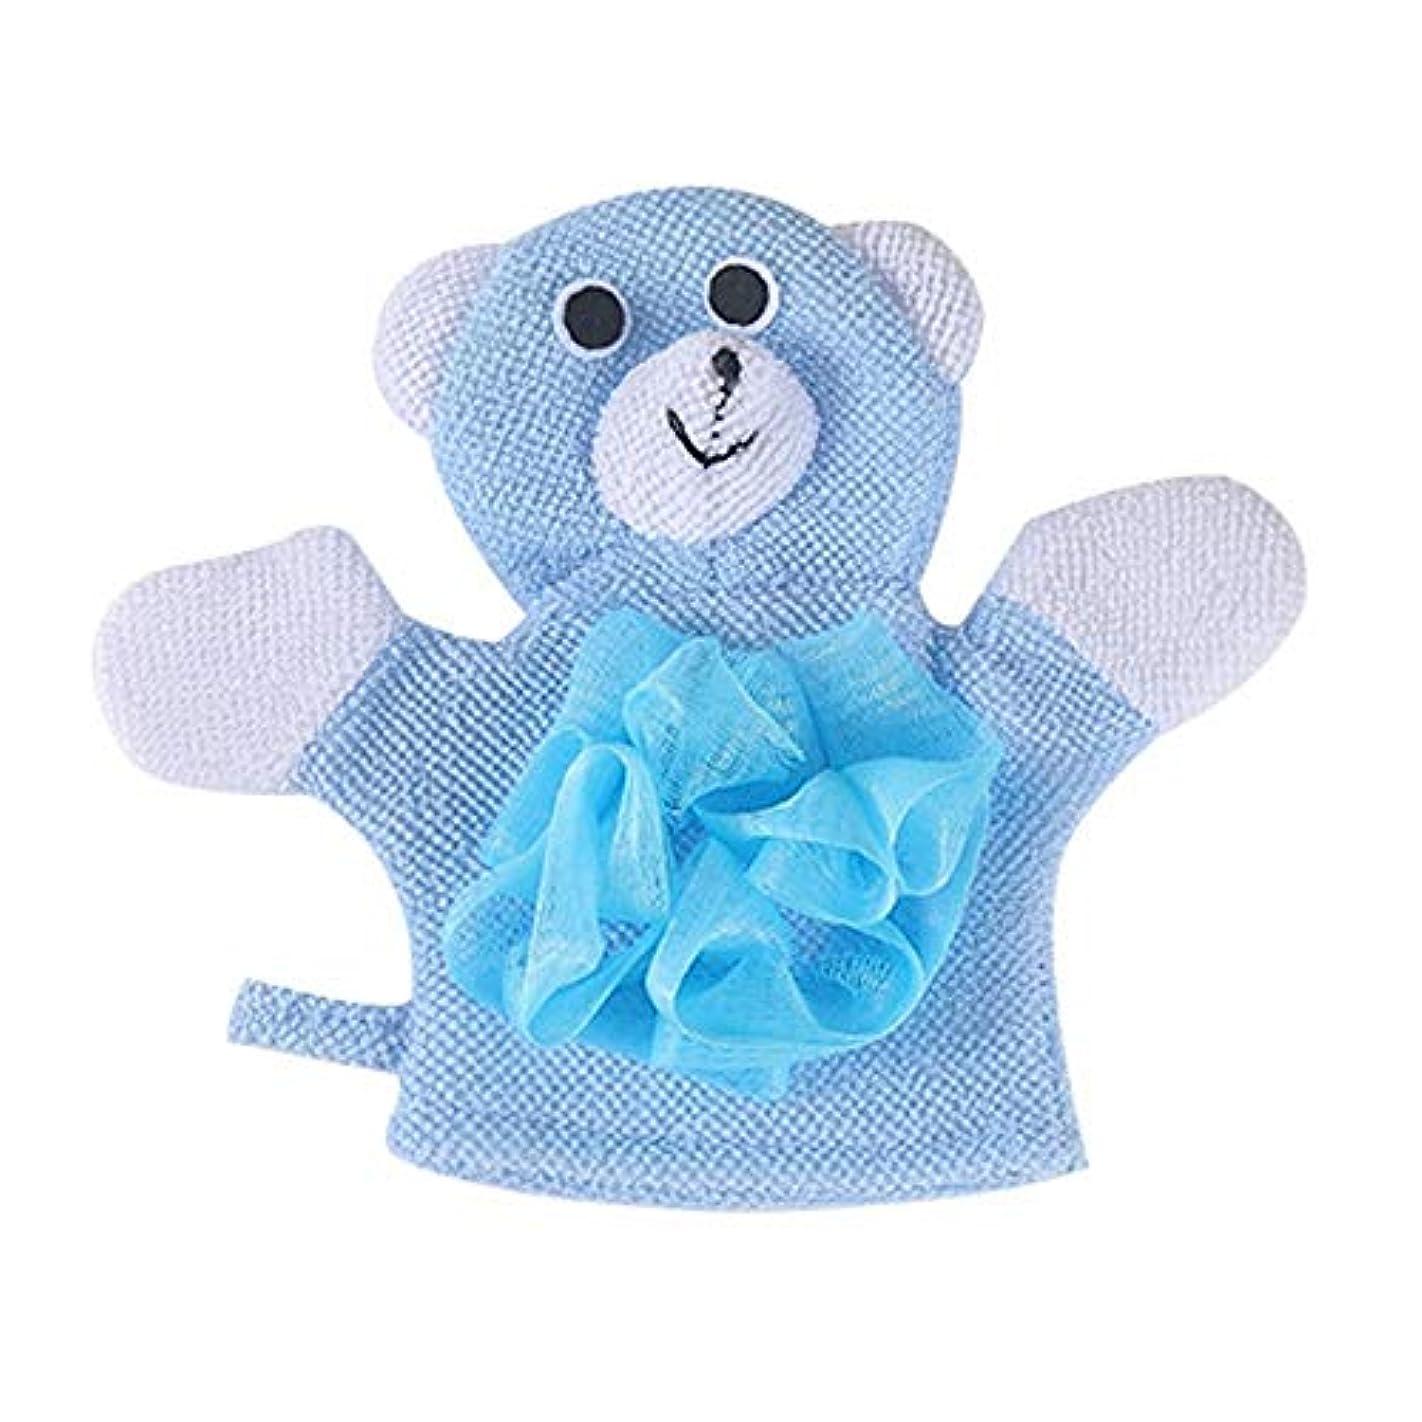 BTXXYJP お風呂用手袋 あかすり シャワー手袋 ボディブラシ やわらか バス用品 ボディタオル 角質除去 (Color : Blue)